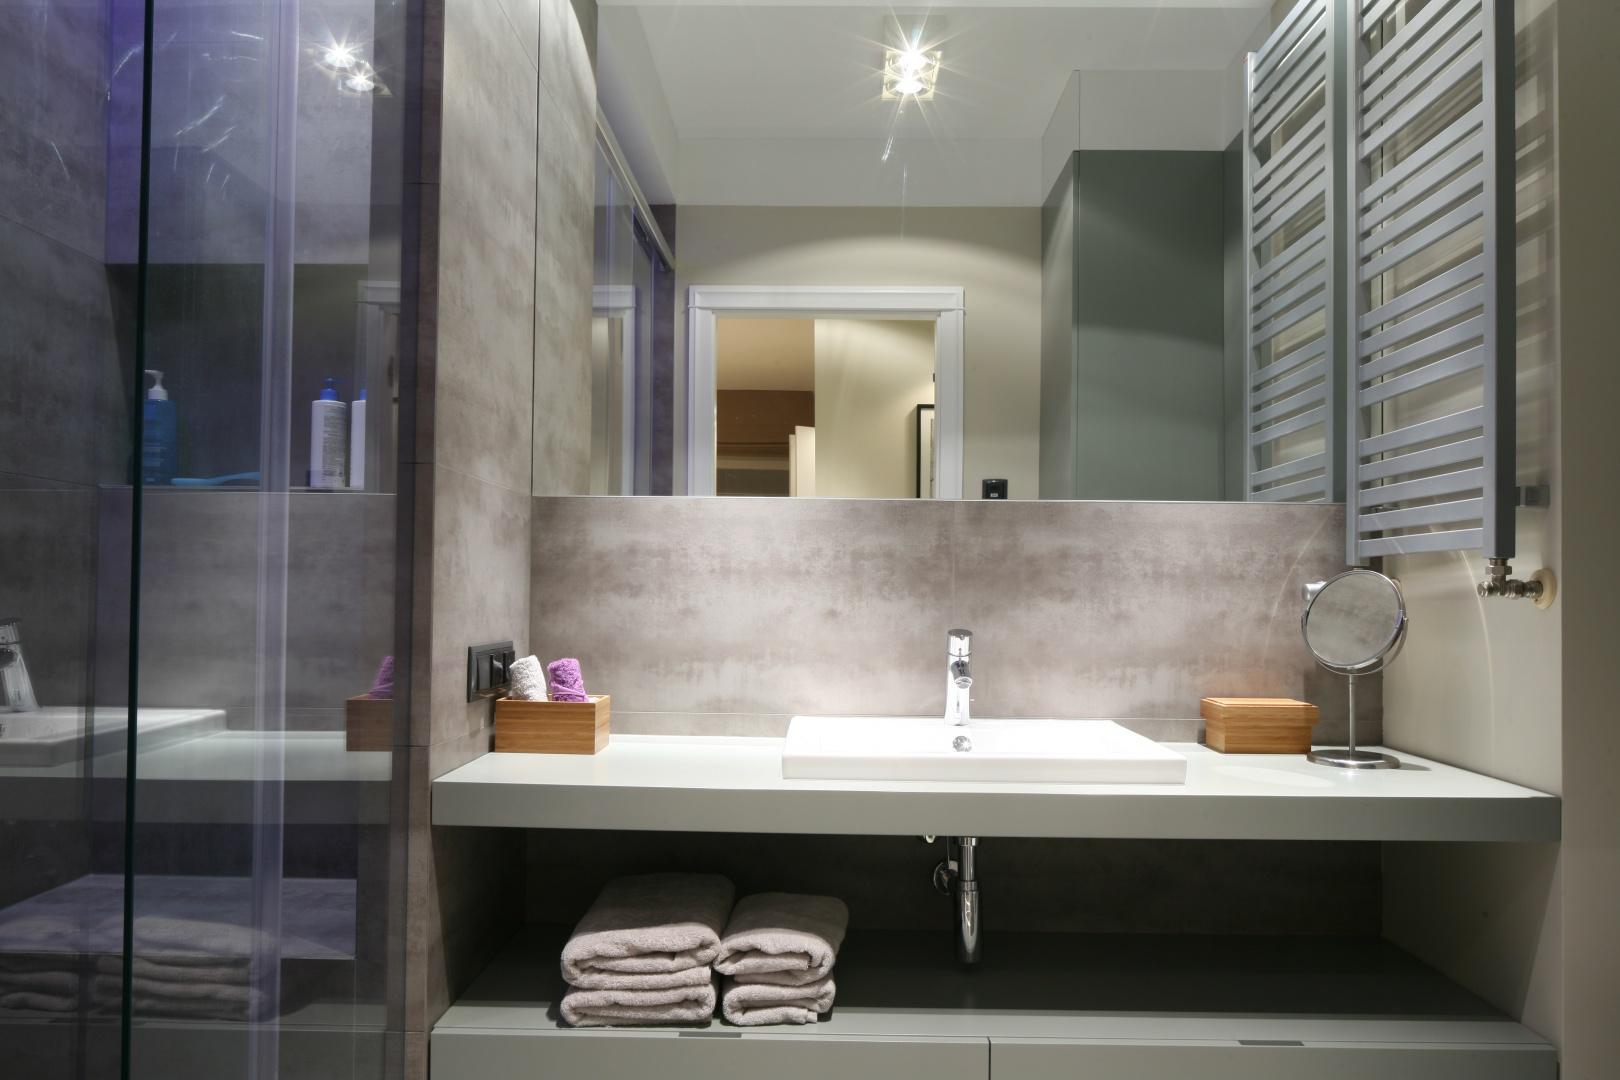 Lustro sięgające do samego sufitu optycznie powiększa wnętrze małej łazienki. W pomieszczeniach o niewielkim metrażu zastosowanie wielkoformatowych, połyskujących powierzchni pozytywnie wpływa na odbiór wnętrza. Projekt: Lucyna Kołodziejska. Fot. Bartosz Jarosz.